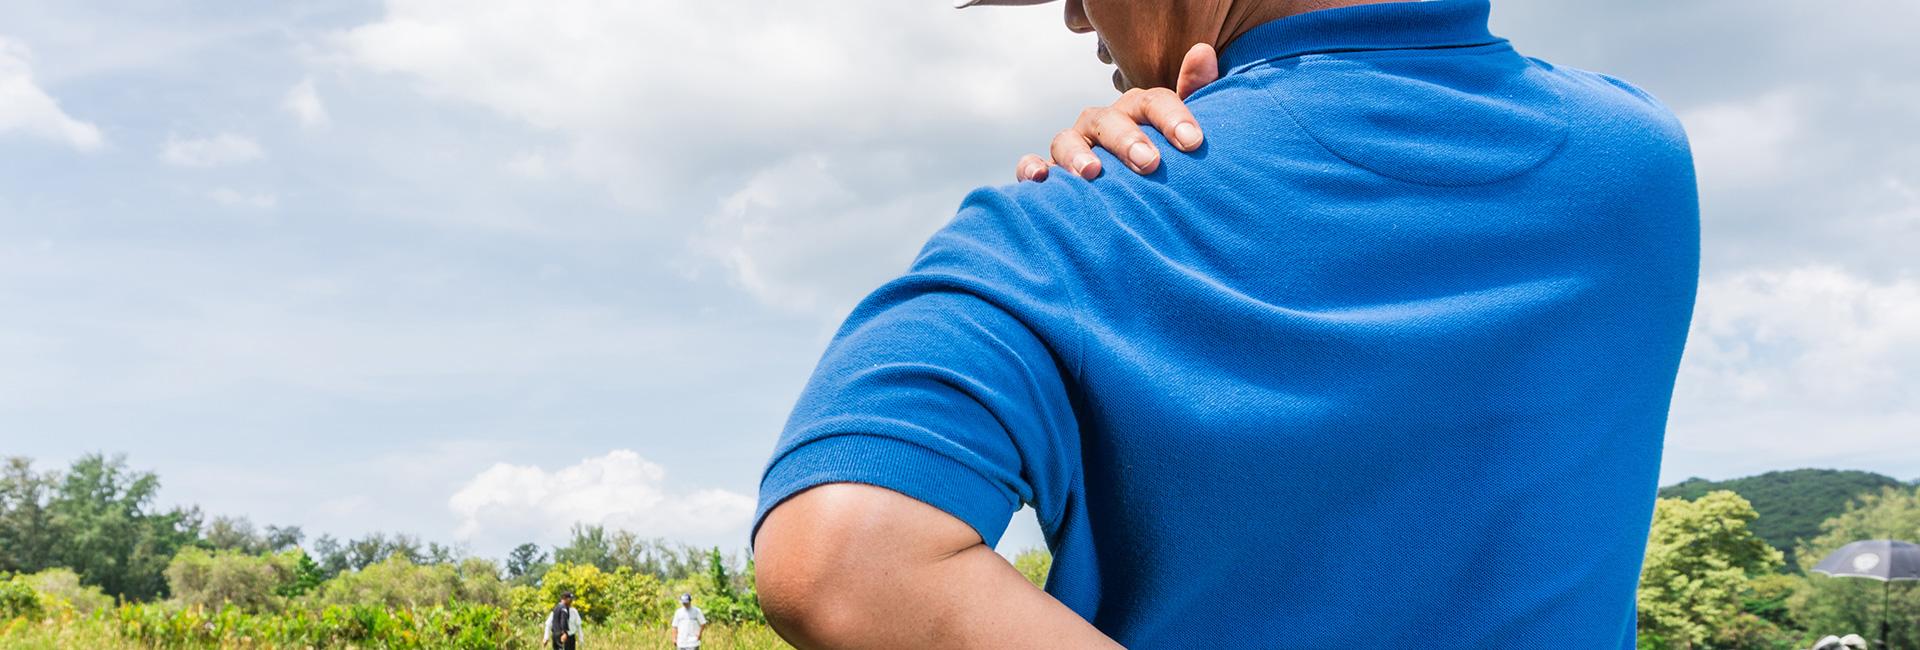 Lingering-Shoulder-Pain---Treatment-Pain-Relief